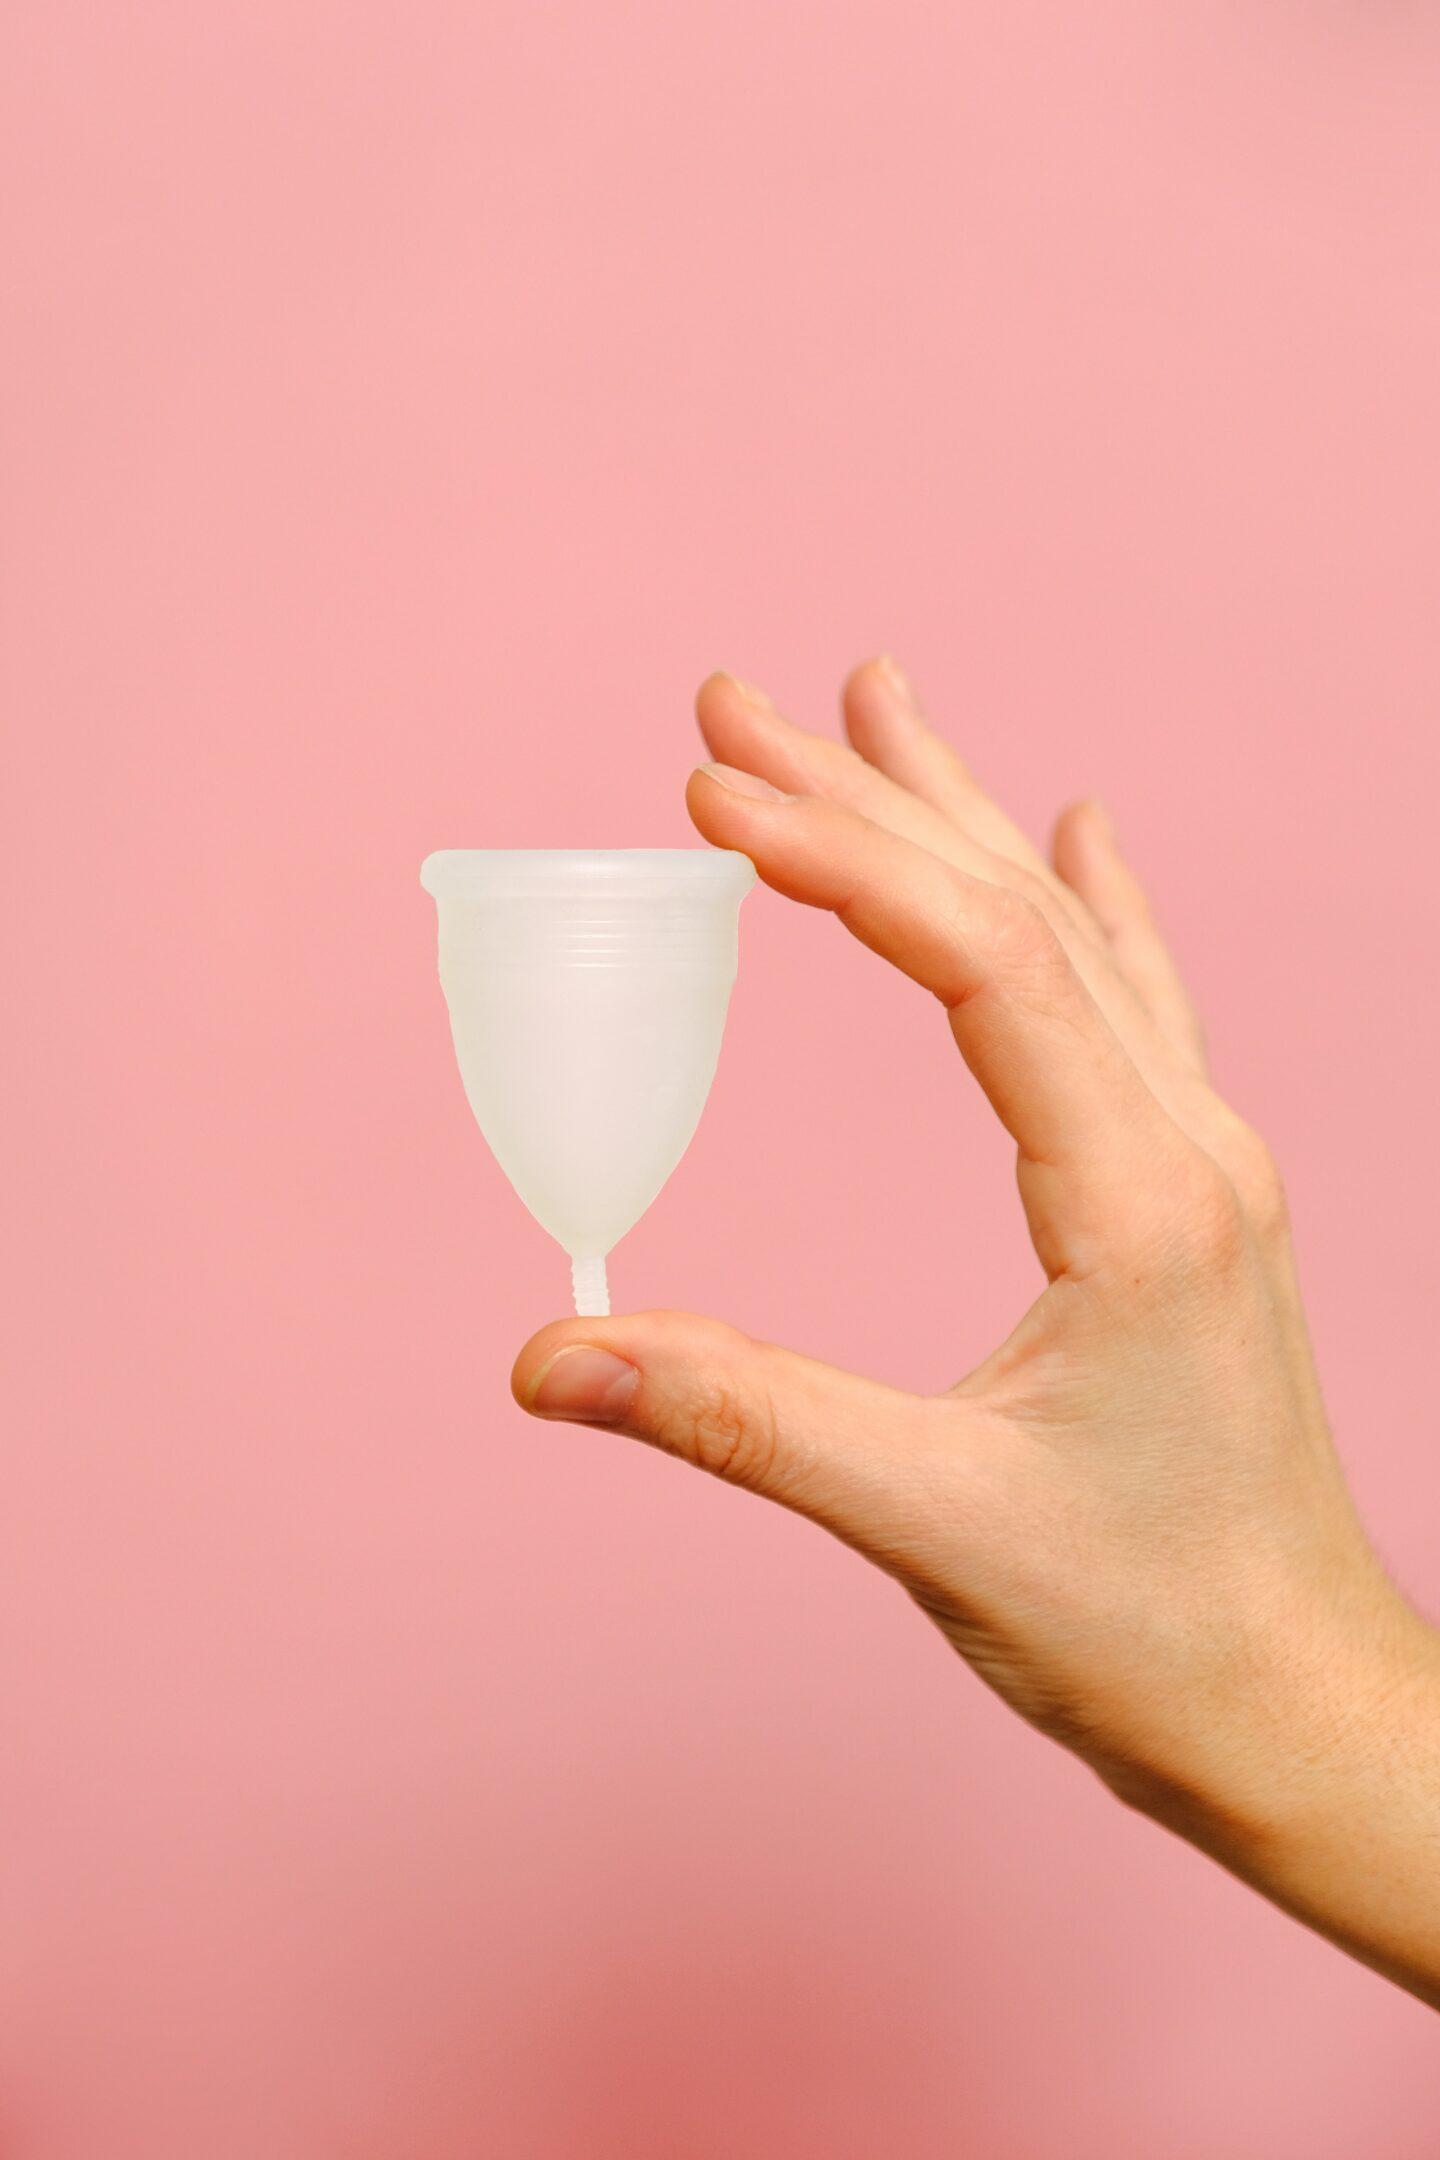 cómo se usa una copa menstrual